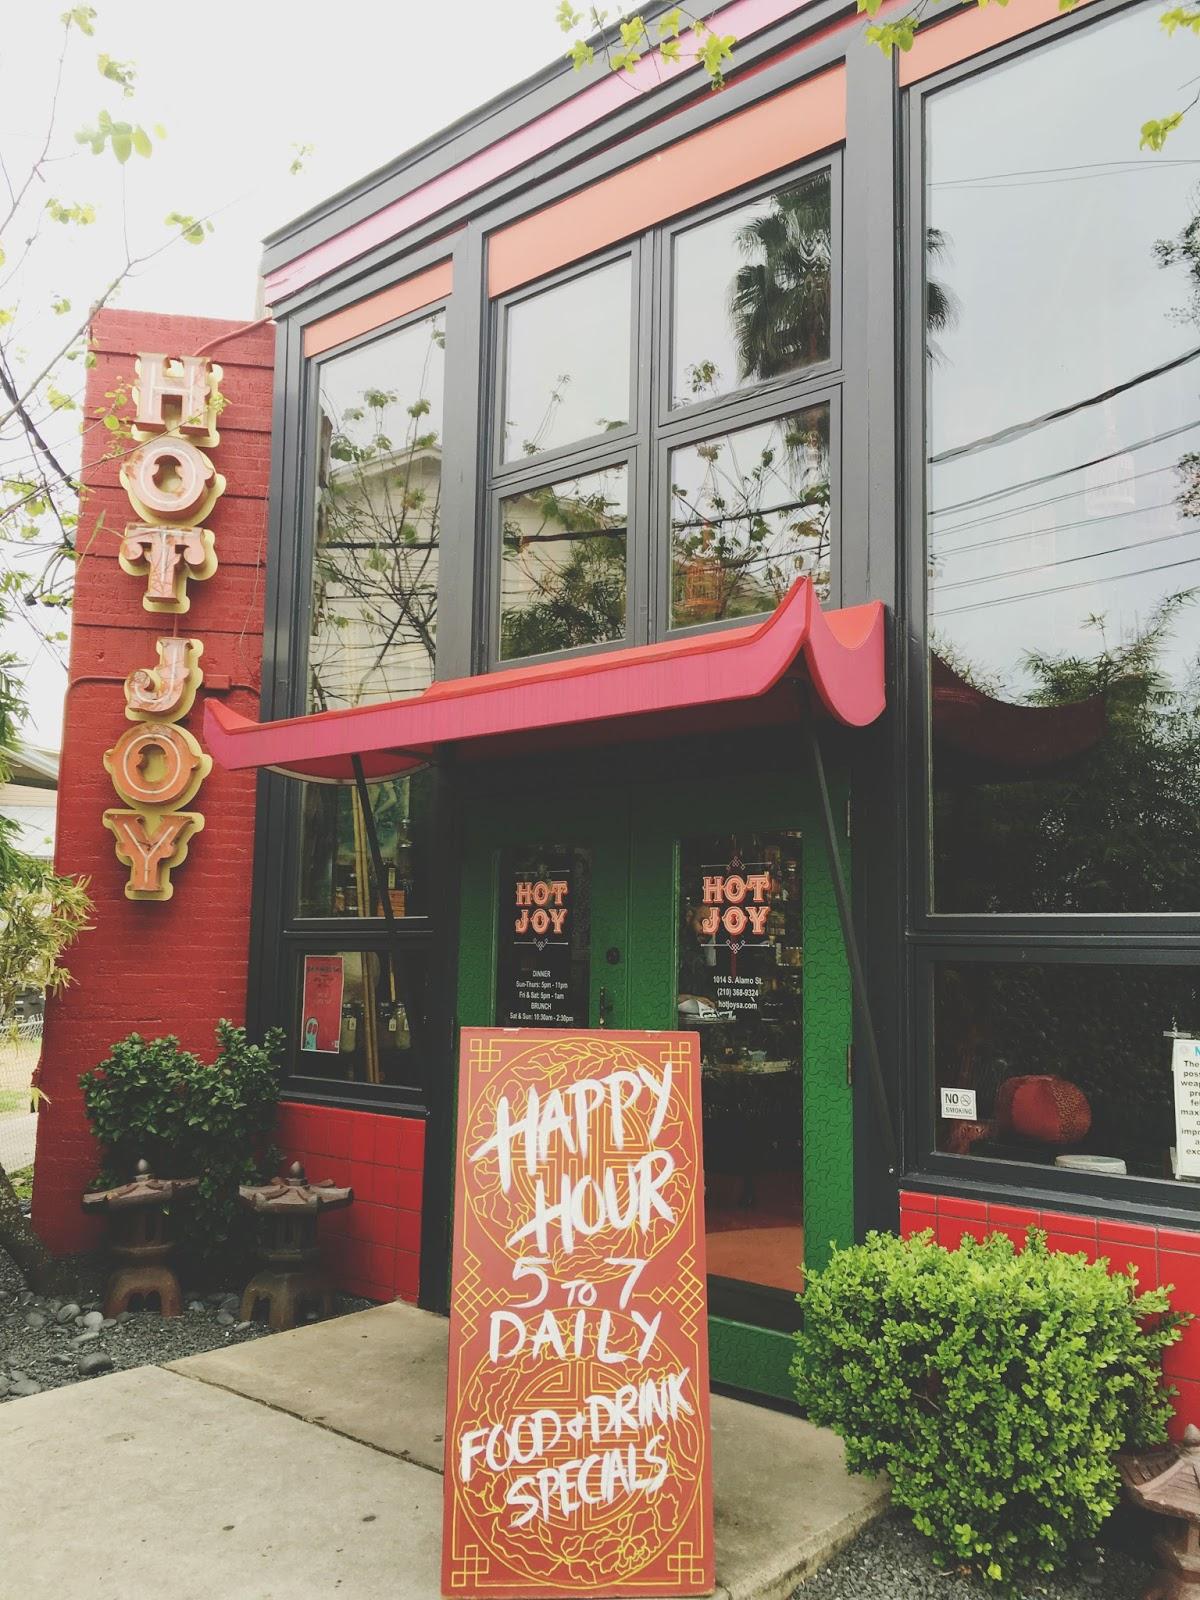 Hot Joy - a restaurant in San Antonio, Texas